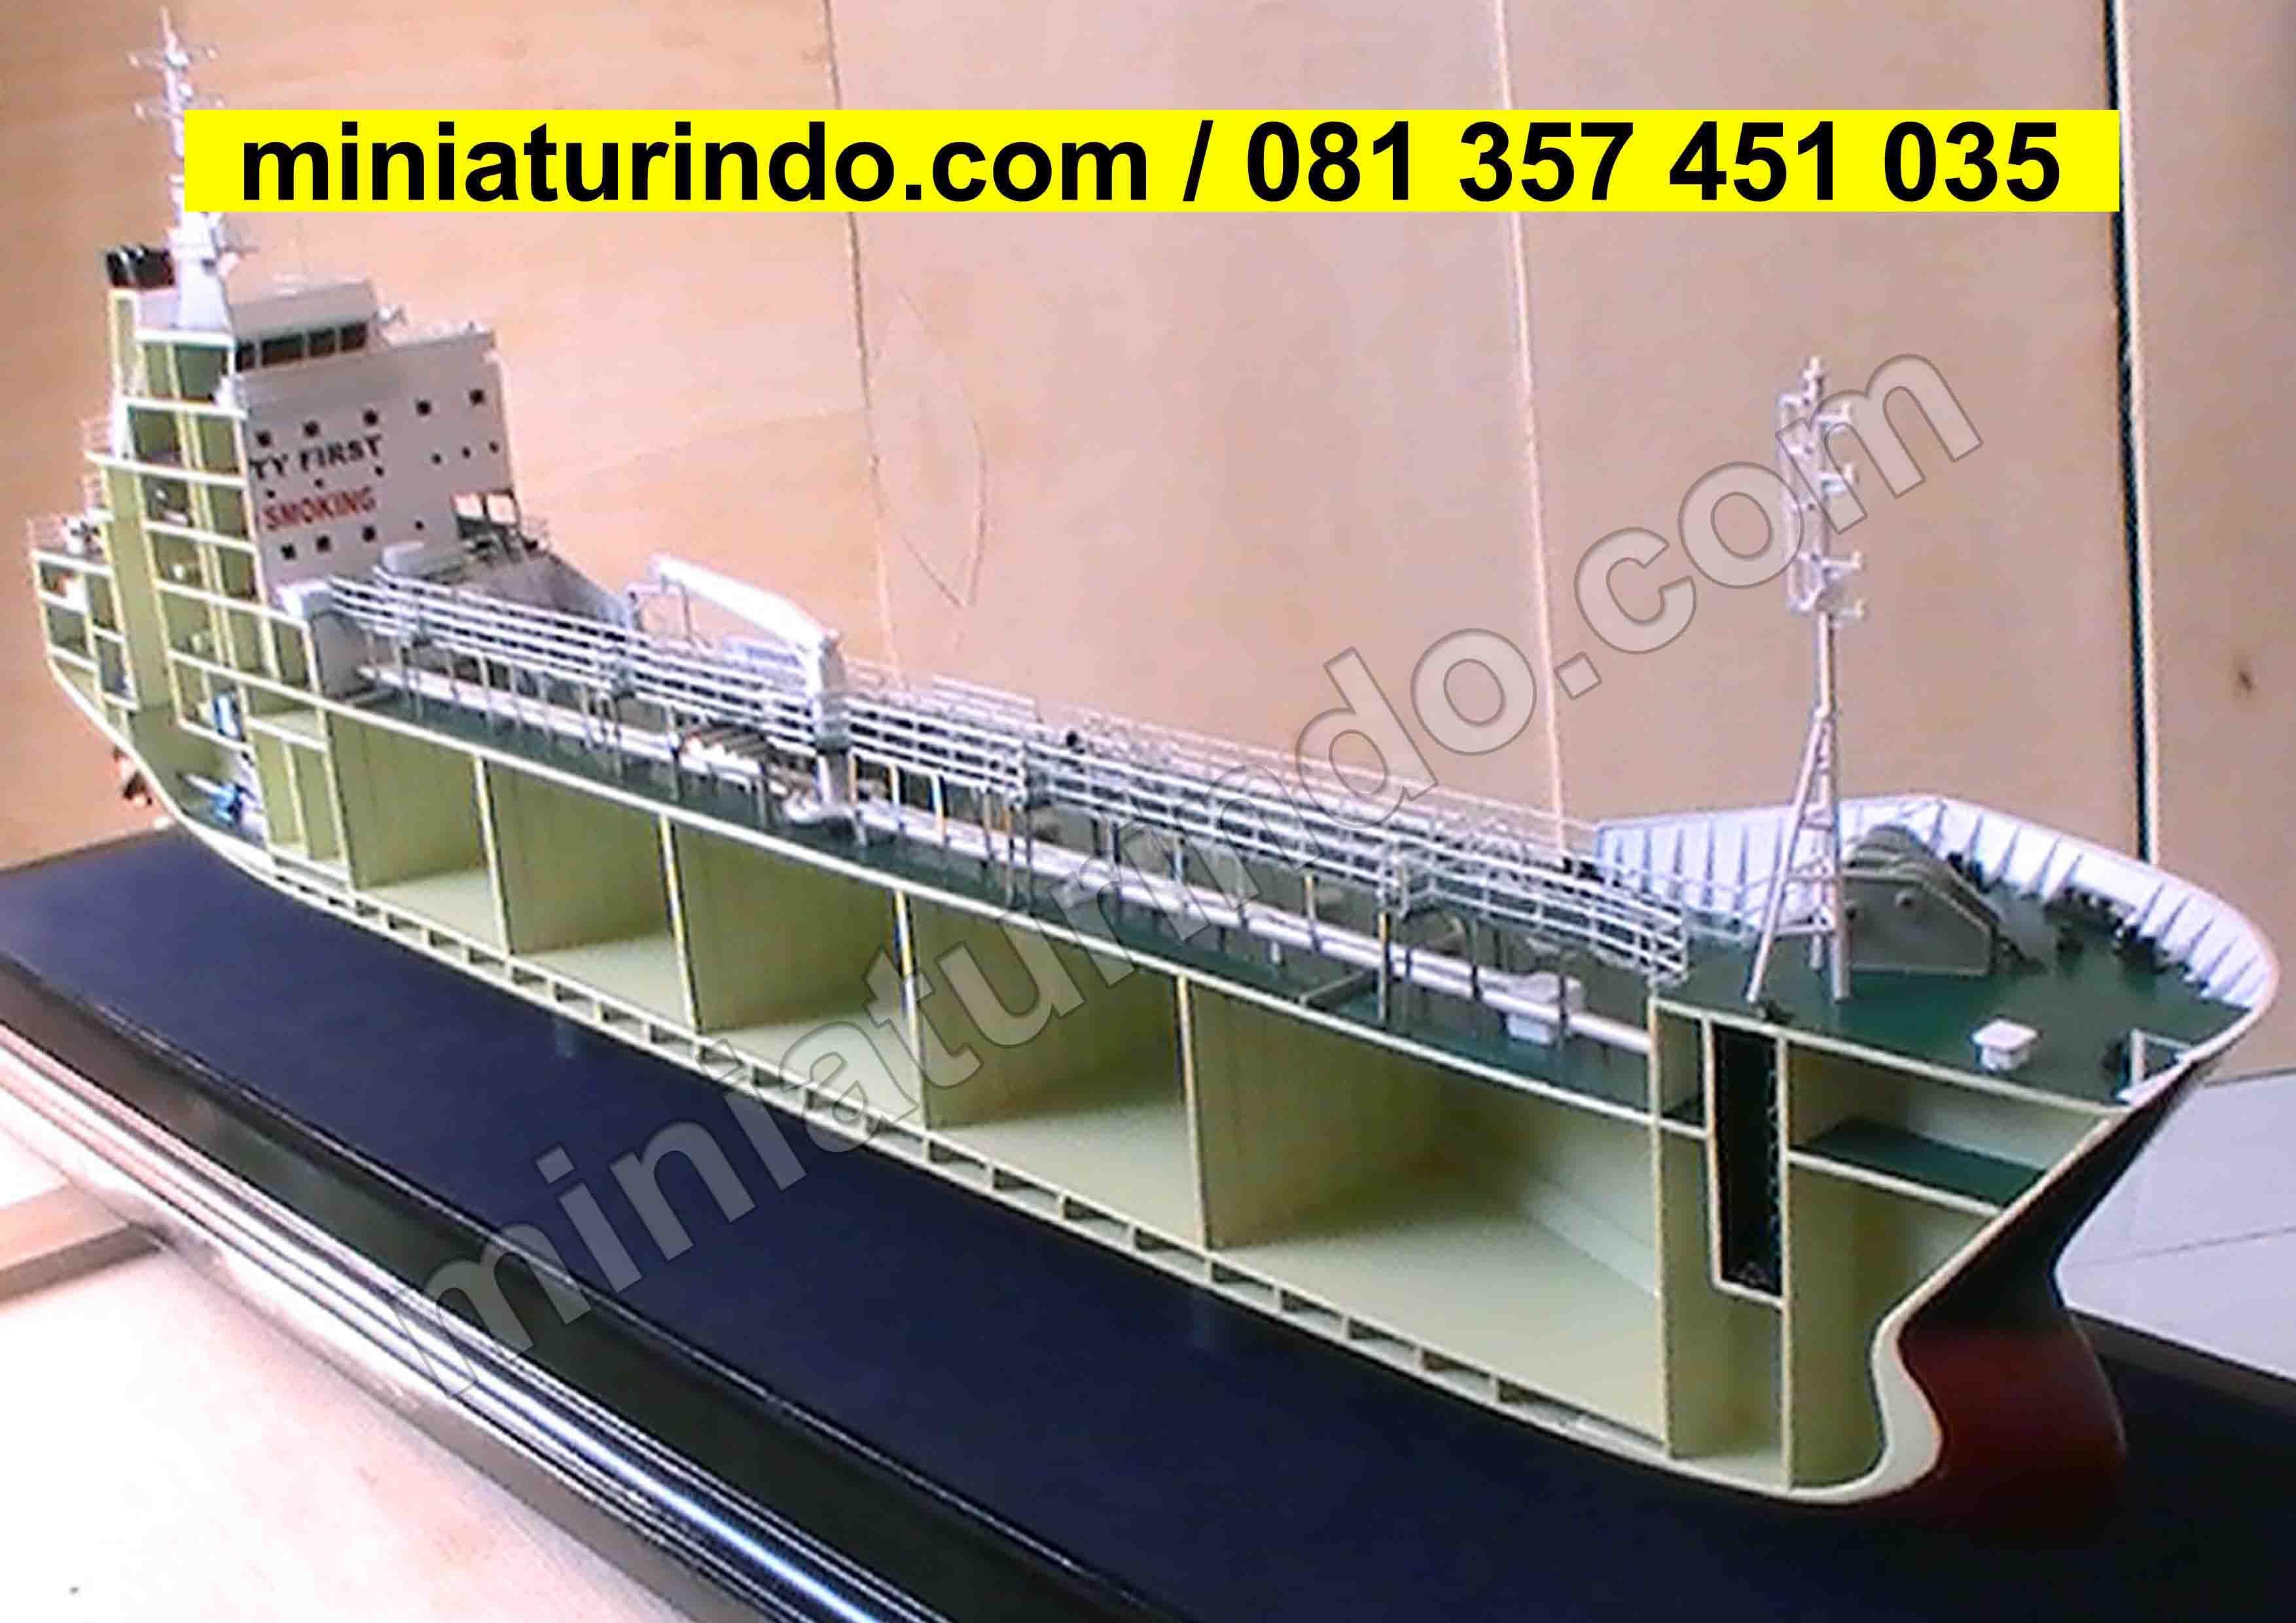 Miniatur Kapal Dewarucimembuat Miniatur Kapal Dari Kayuperahu